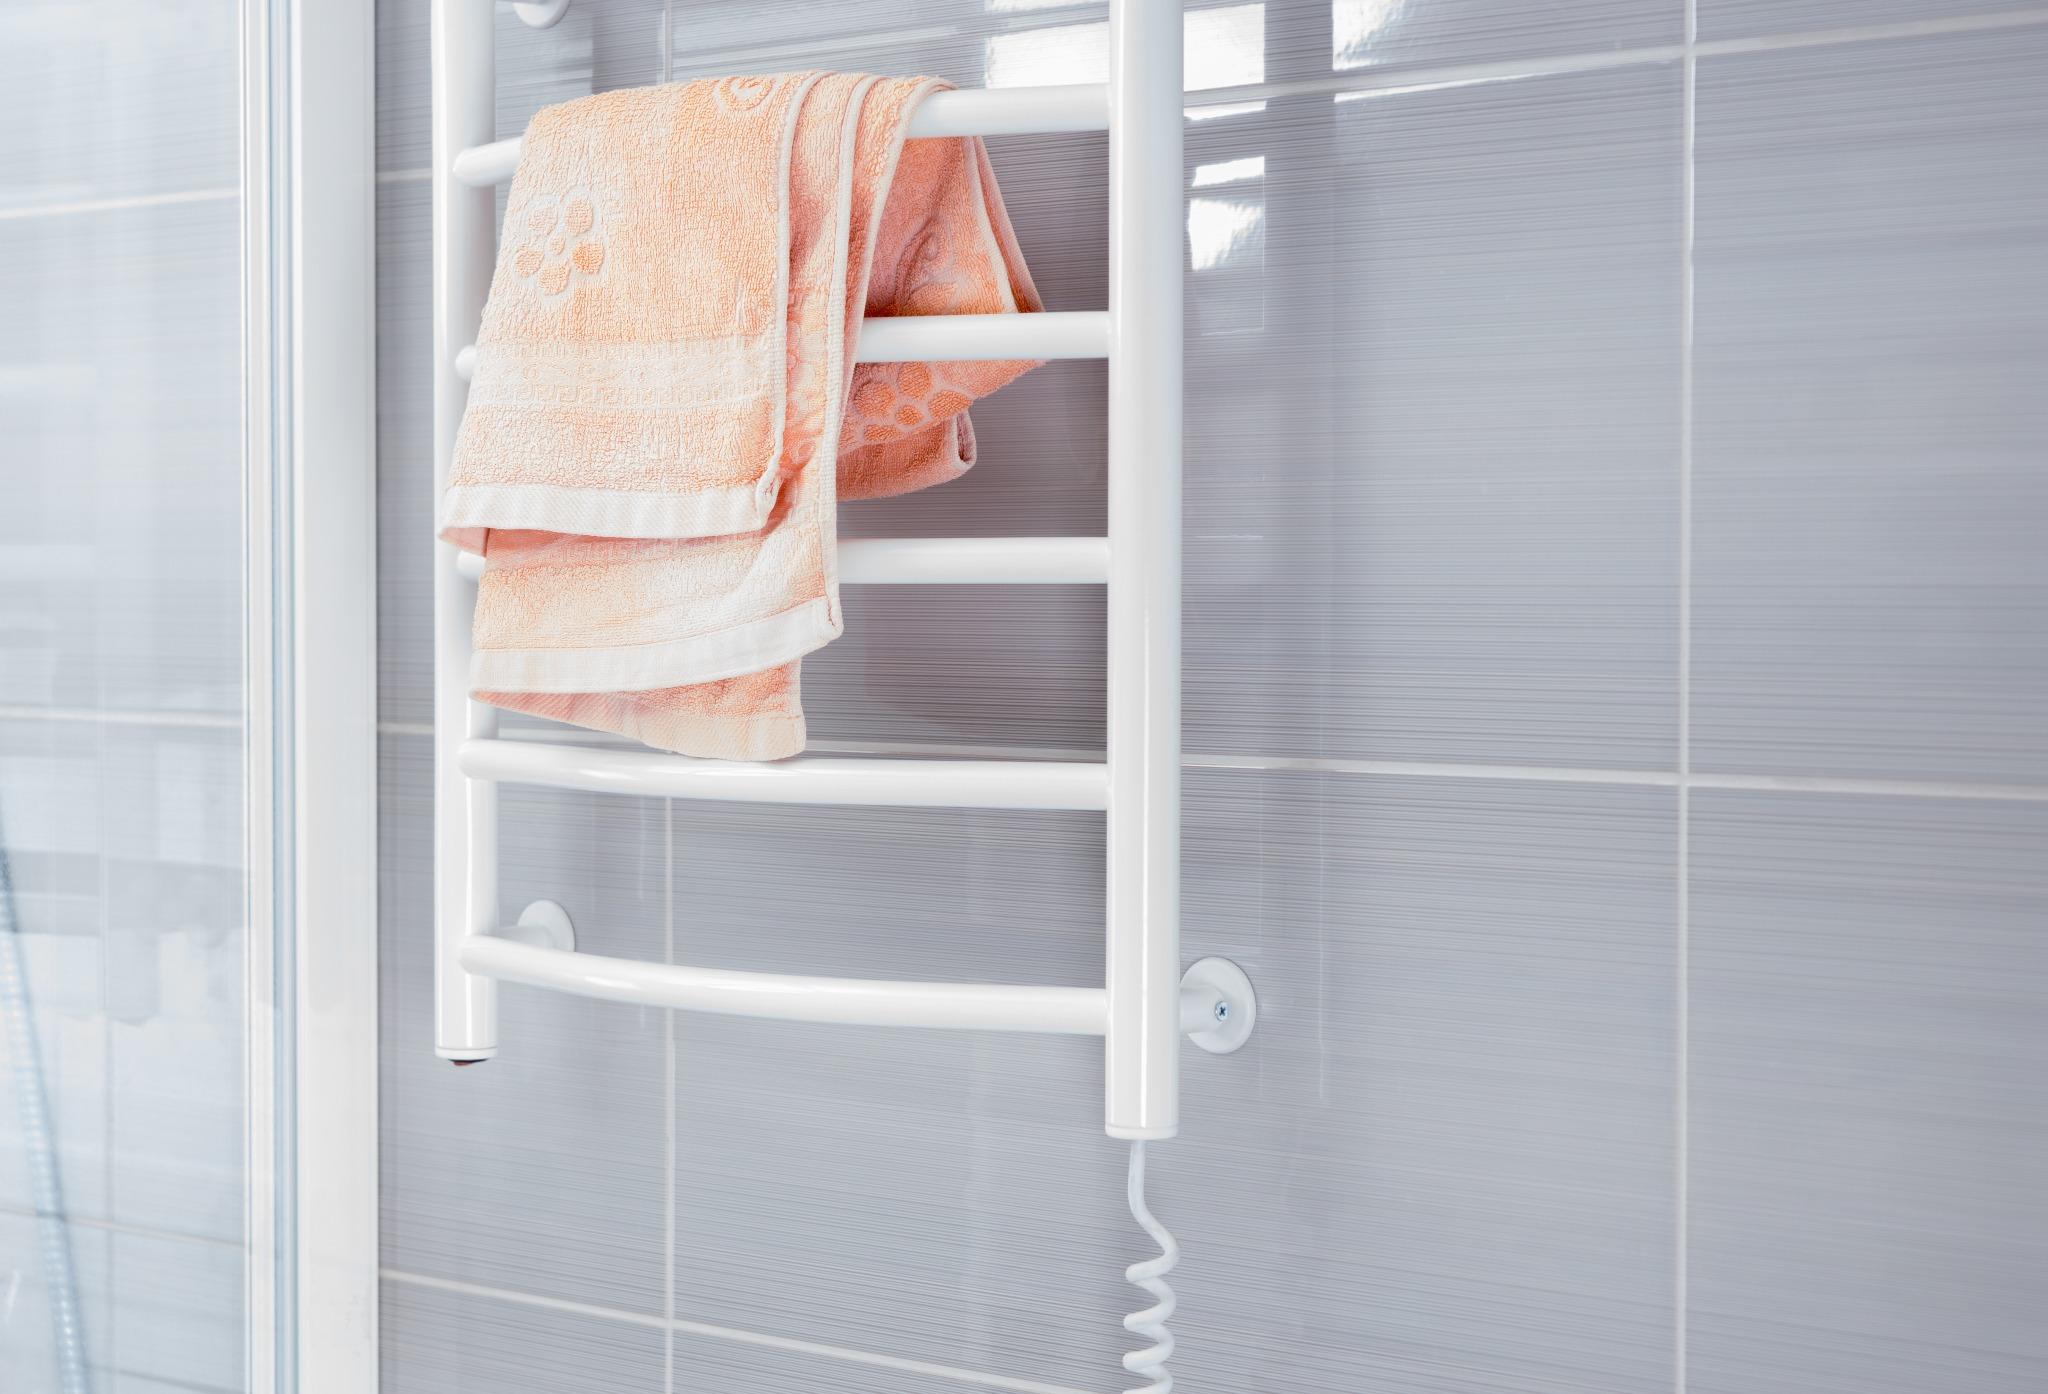 A heated towel rack in a gray tile bathroom.